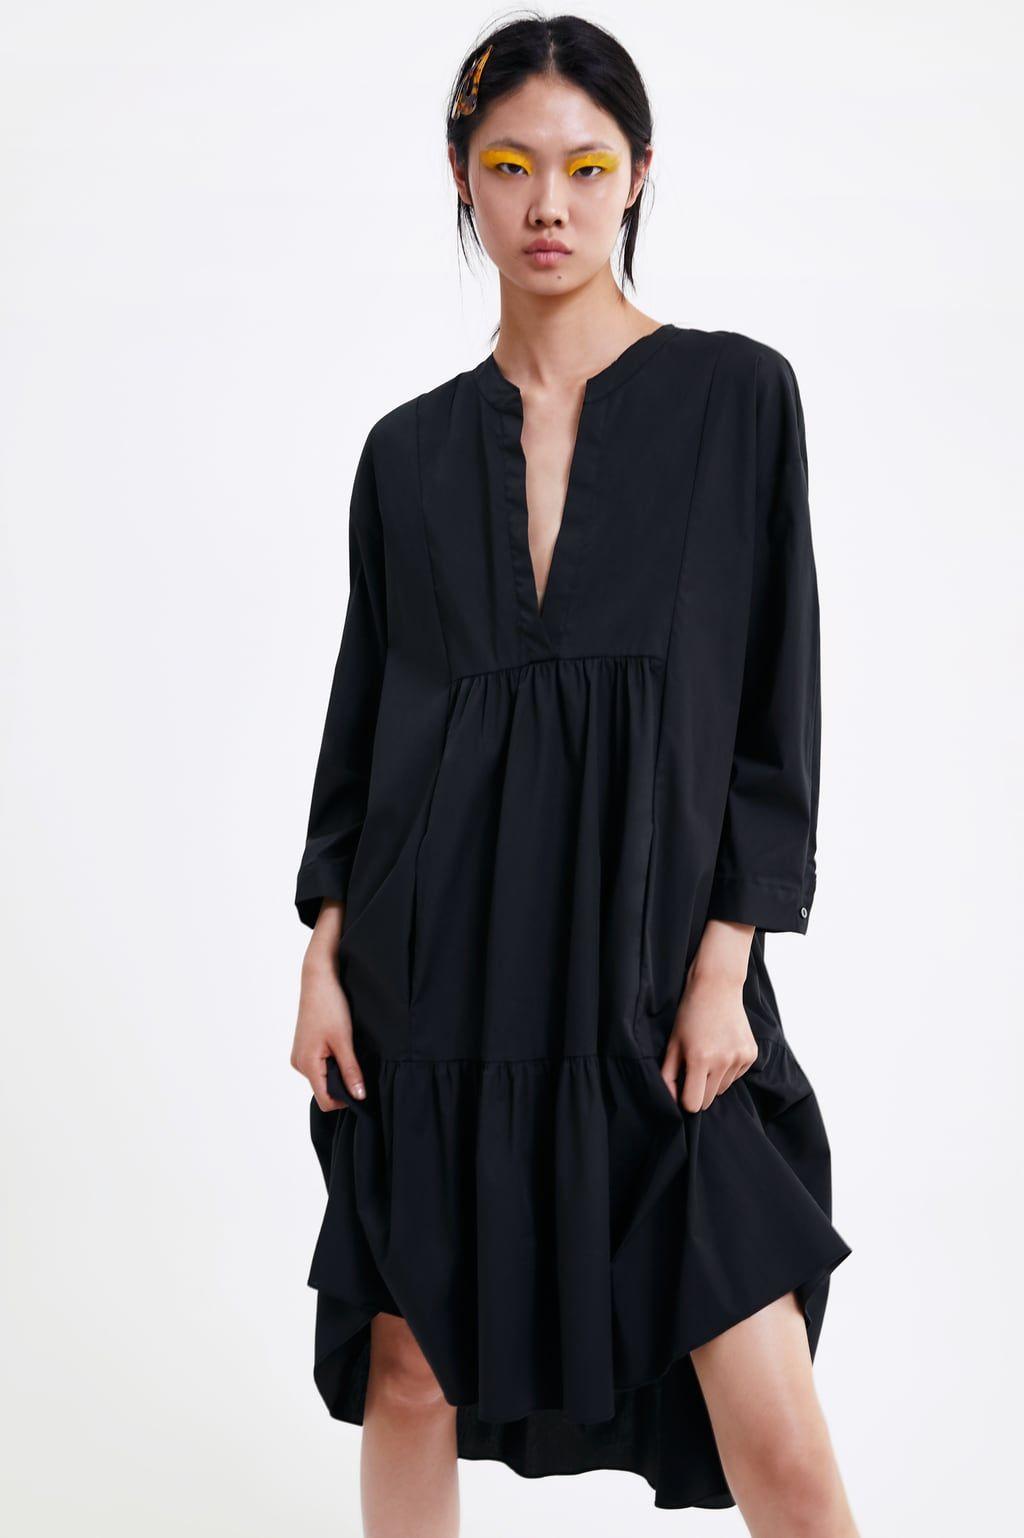 LONG POPLIN DRESS   View all DRESSES WOMAN   ZARA United States ...